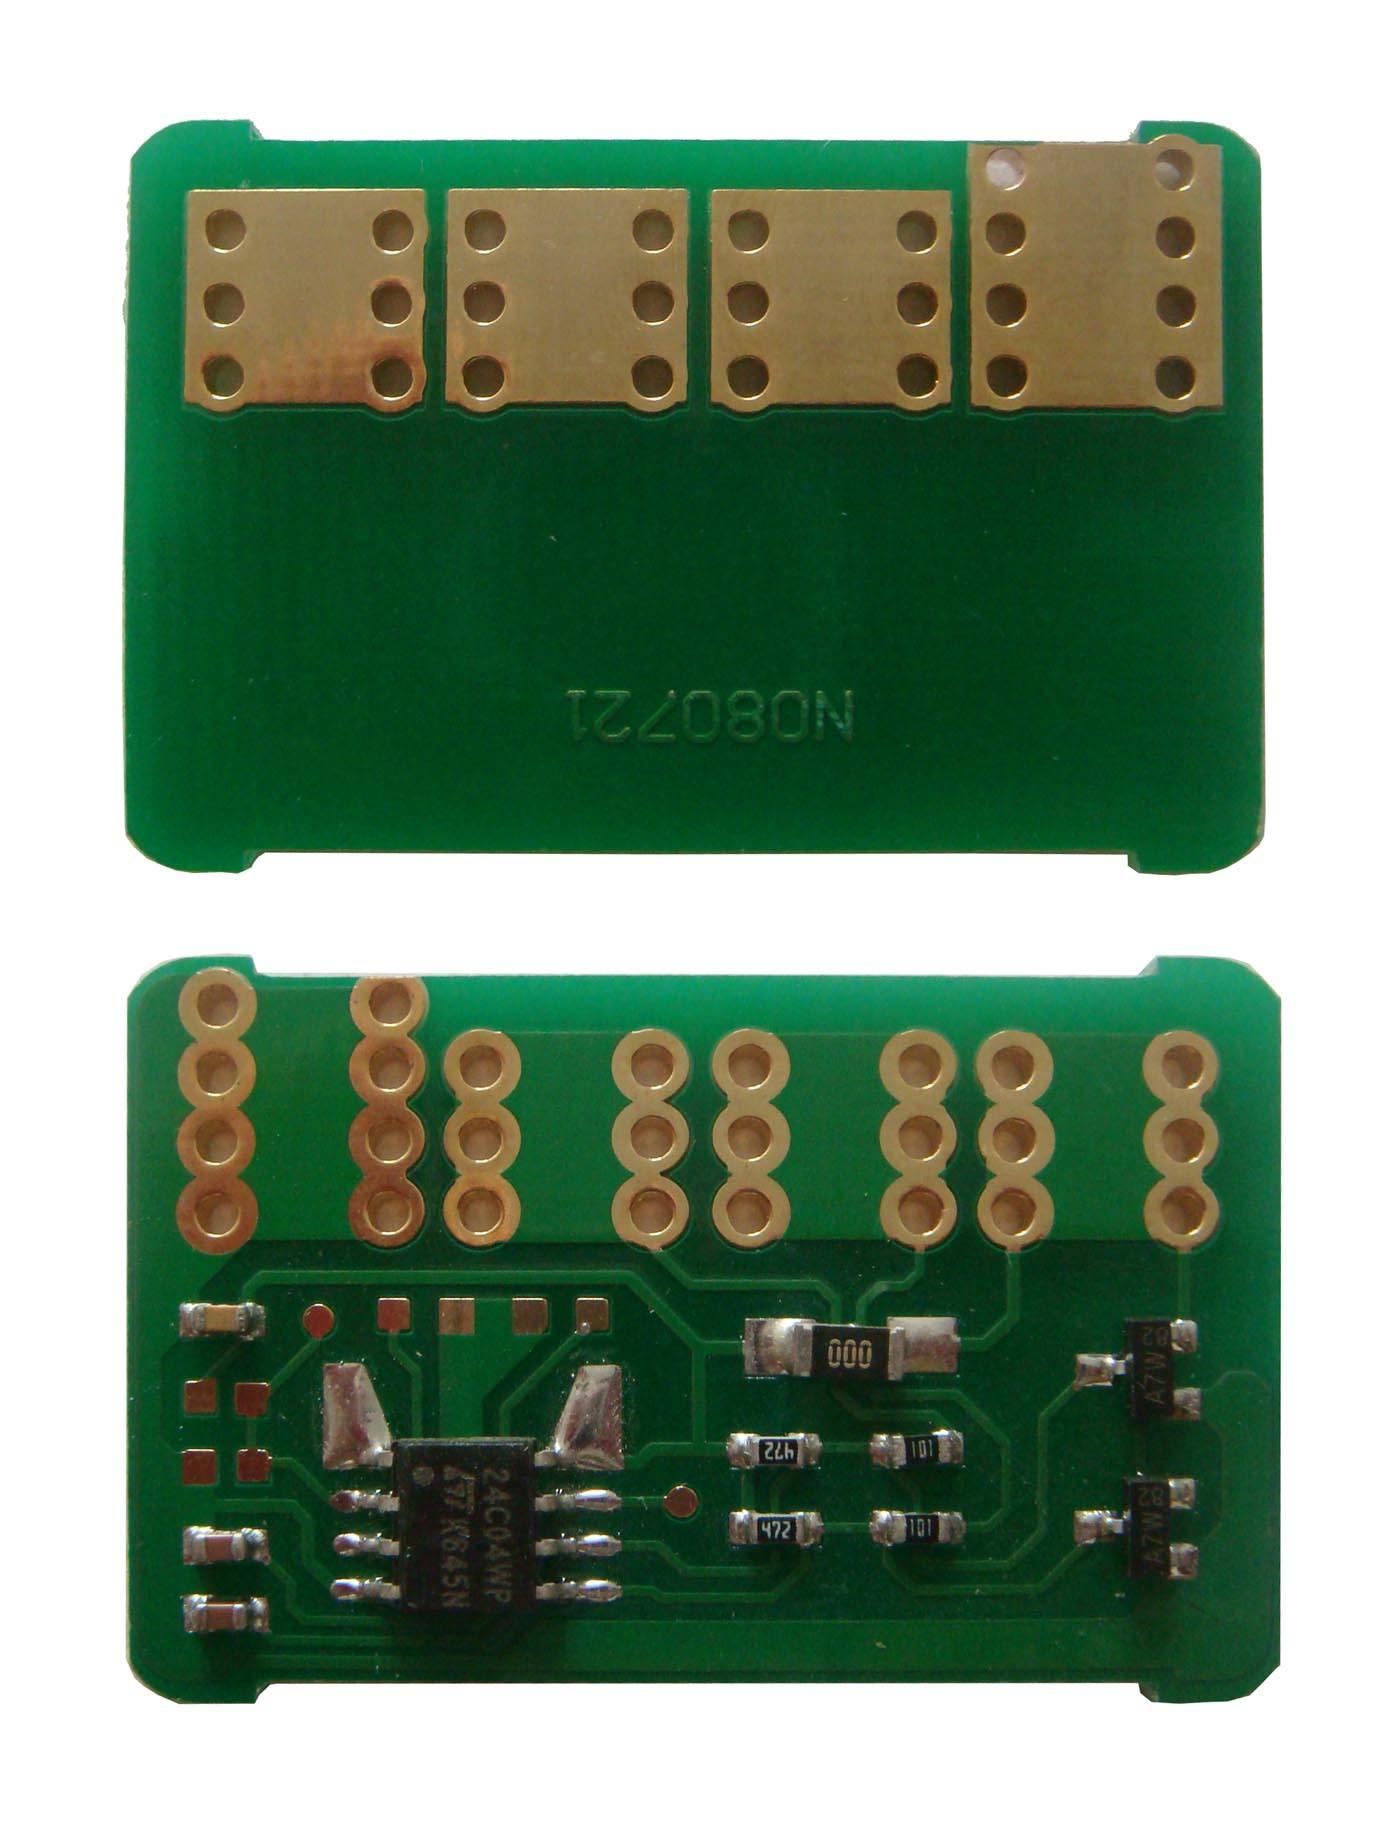 Xerox 3428 printer chips